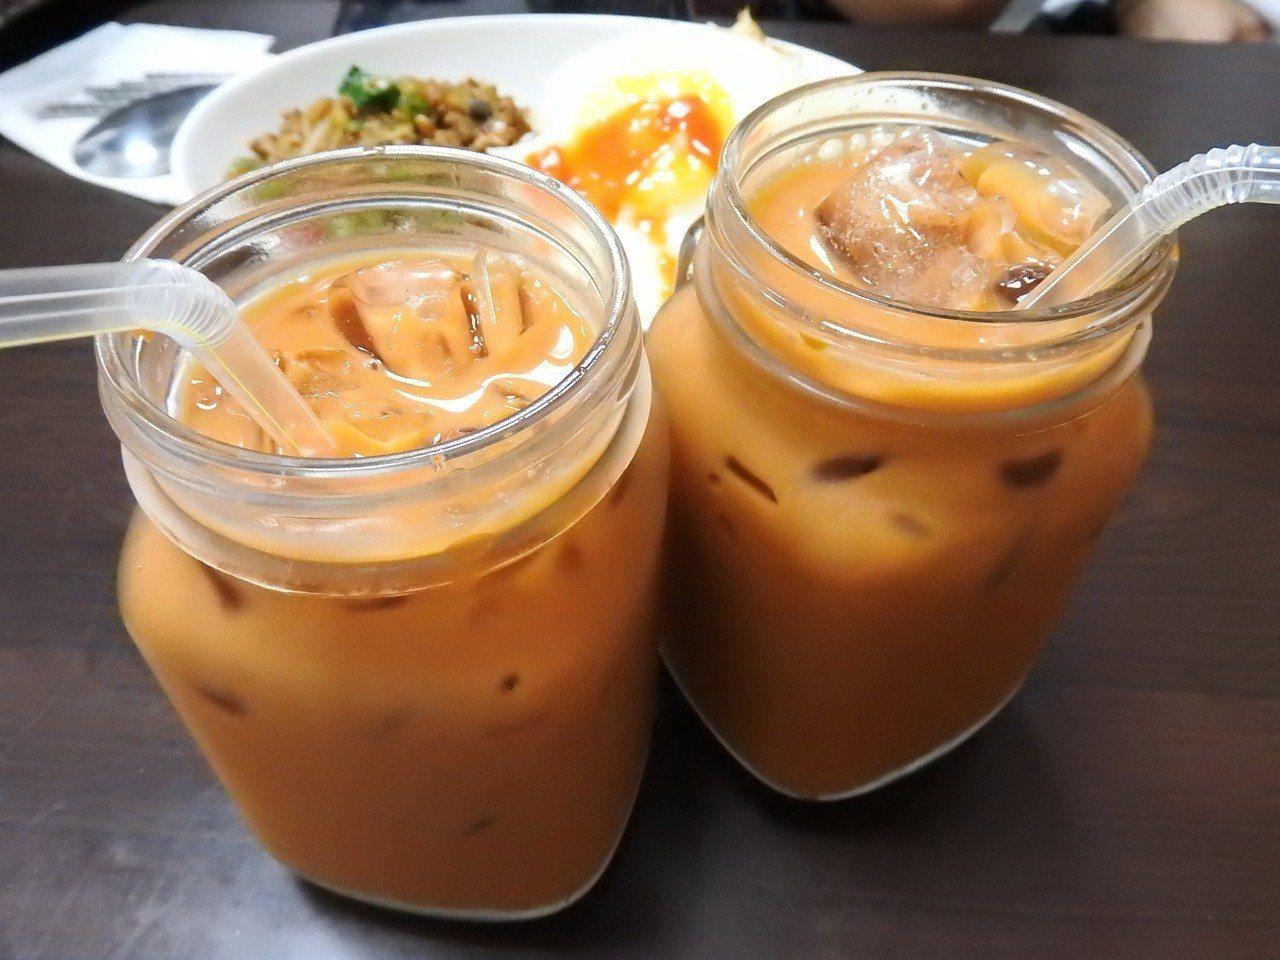 泰樂泰國料理的泰式奶茶。記者祁容玉/攝影